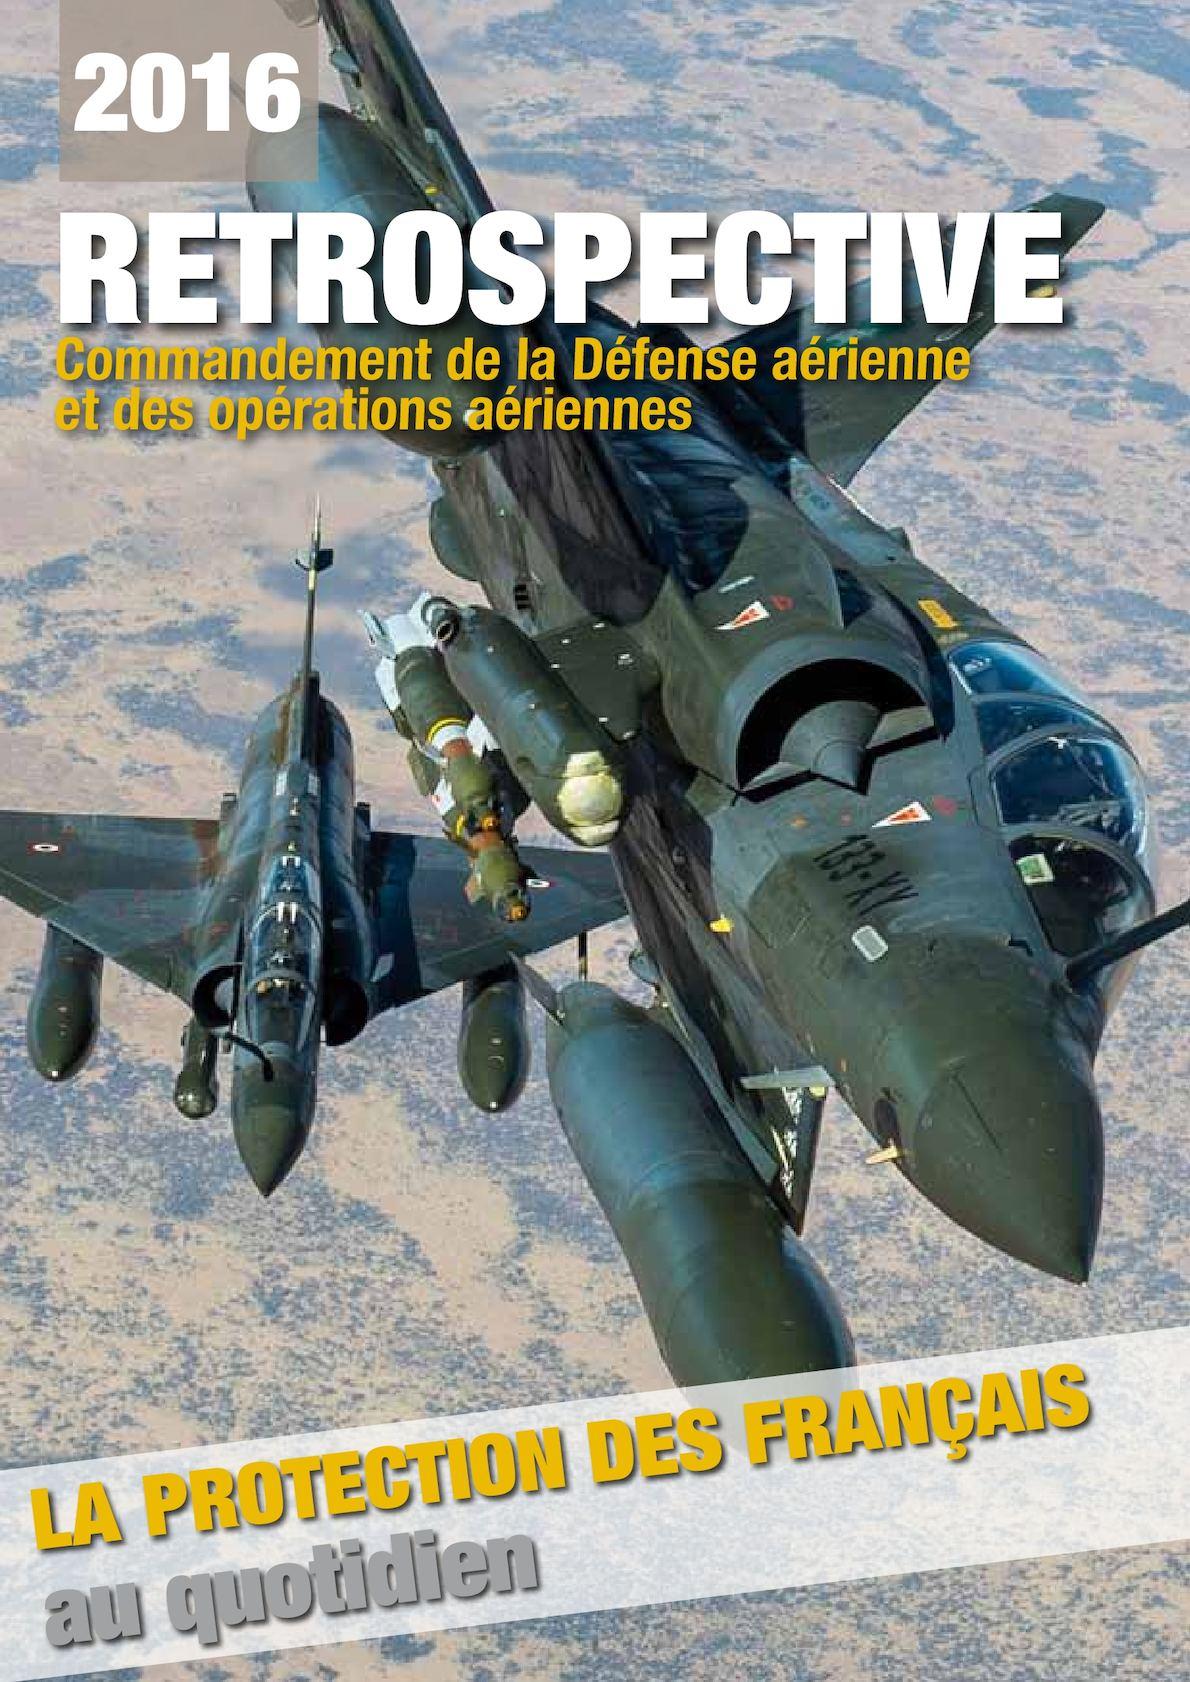 Rétrospective des opérations aériennes 2016